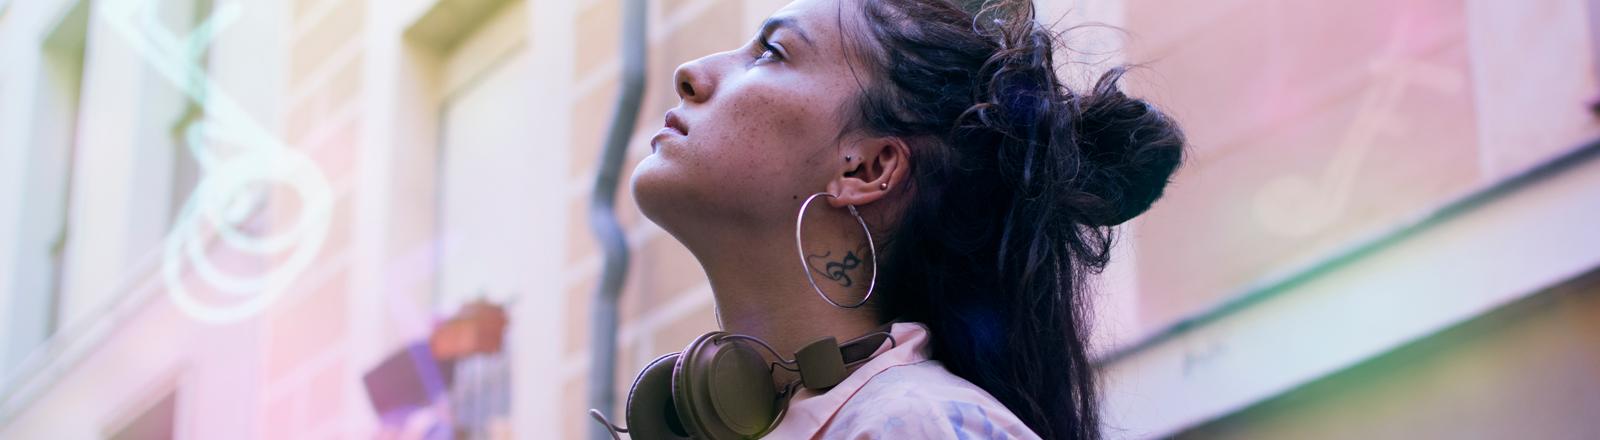 Eine Frau hat Kopfhörer um den Hals hängen und schaut in die Luft